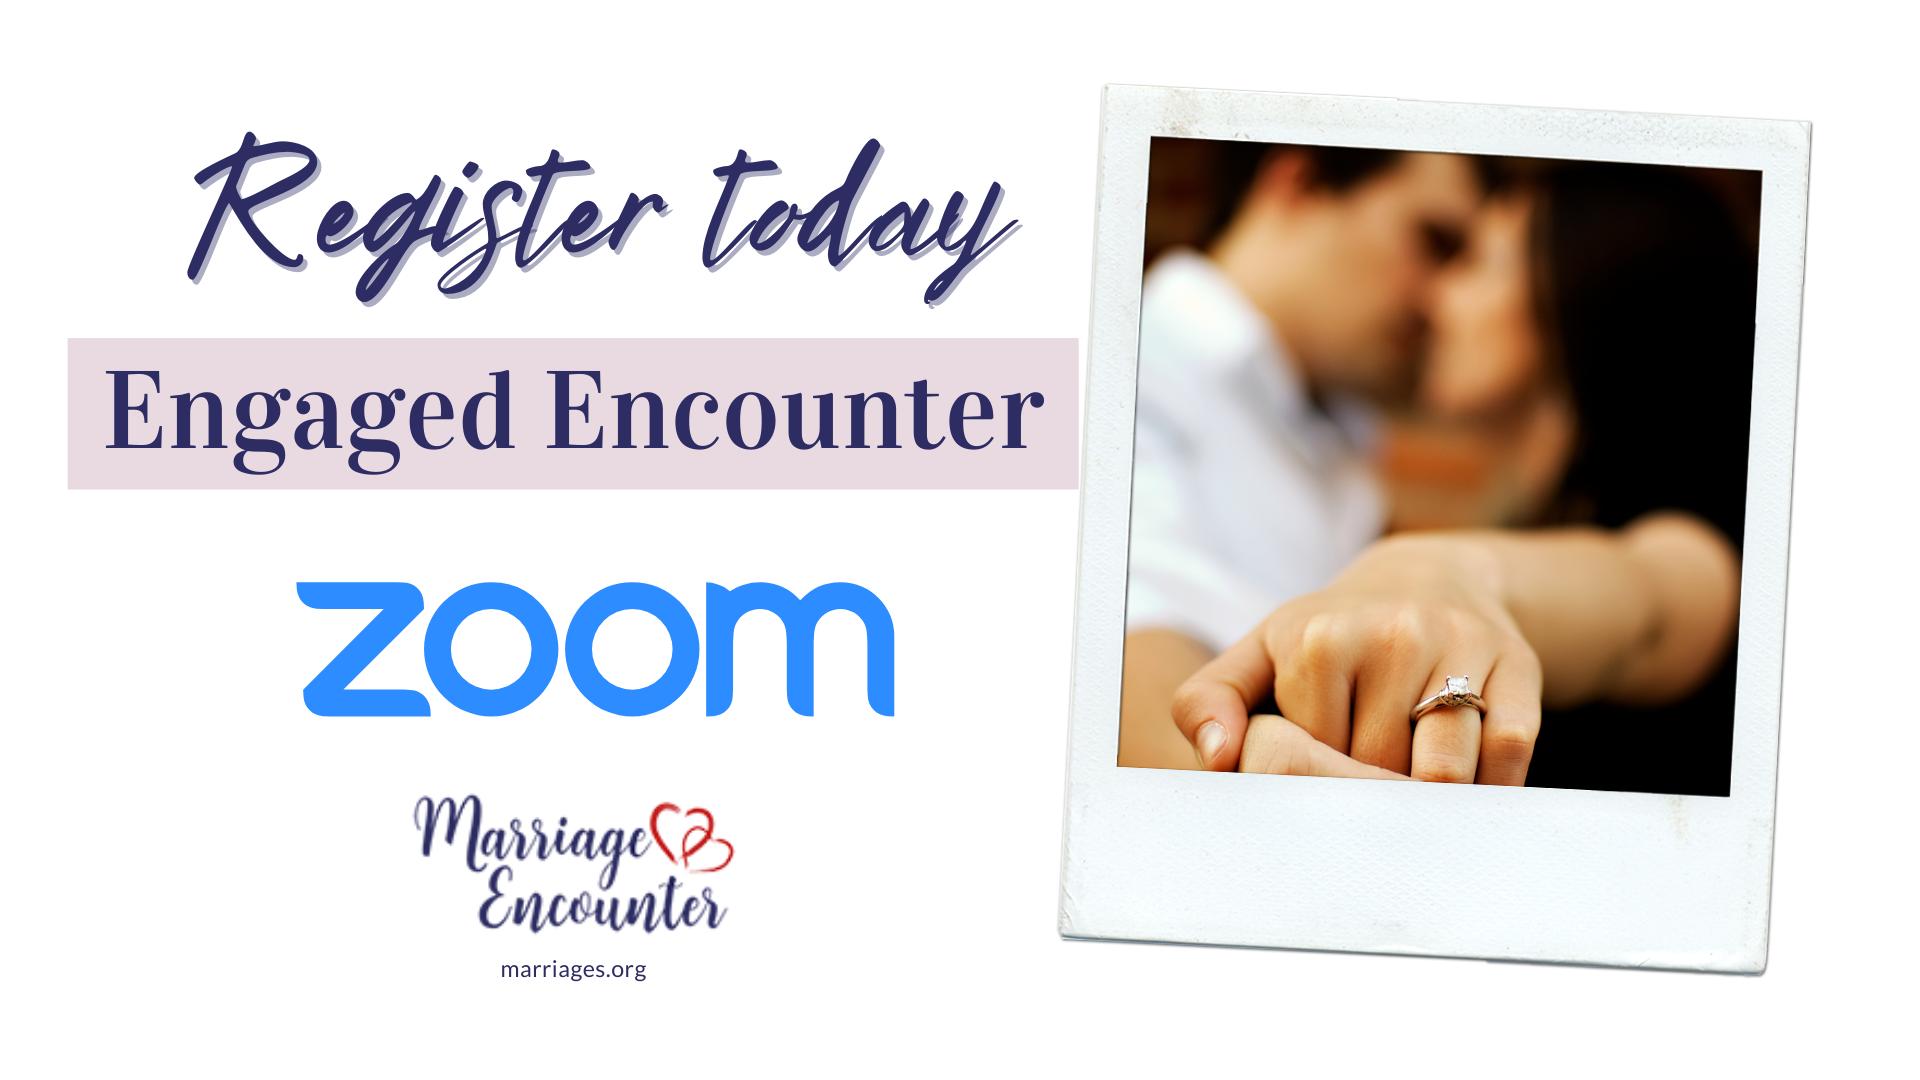 Engaged Encounter